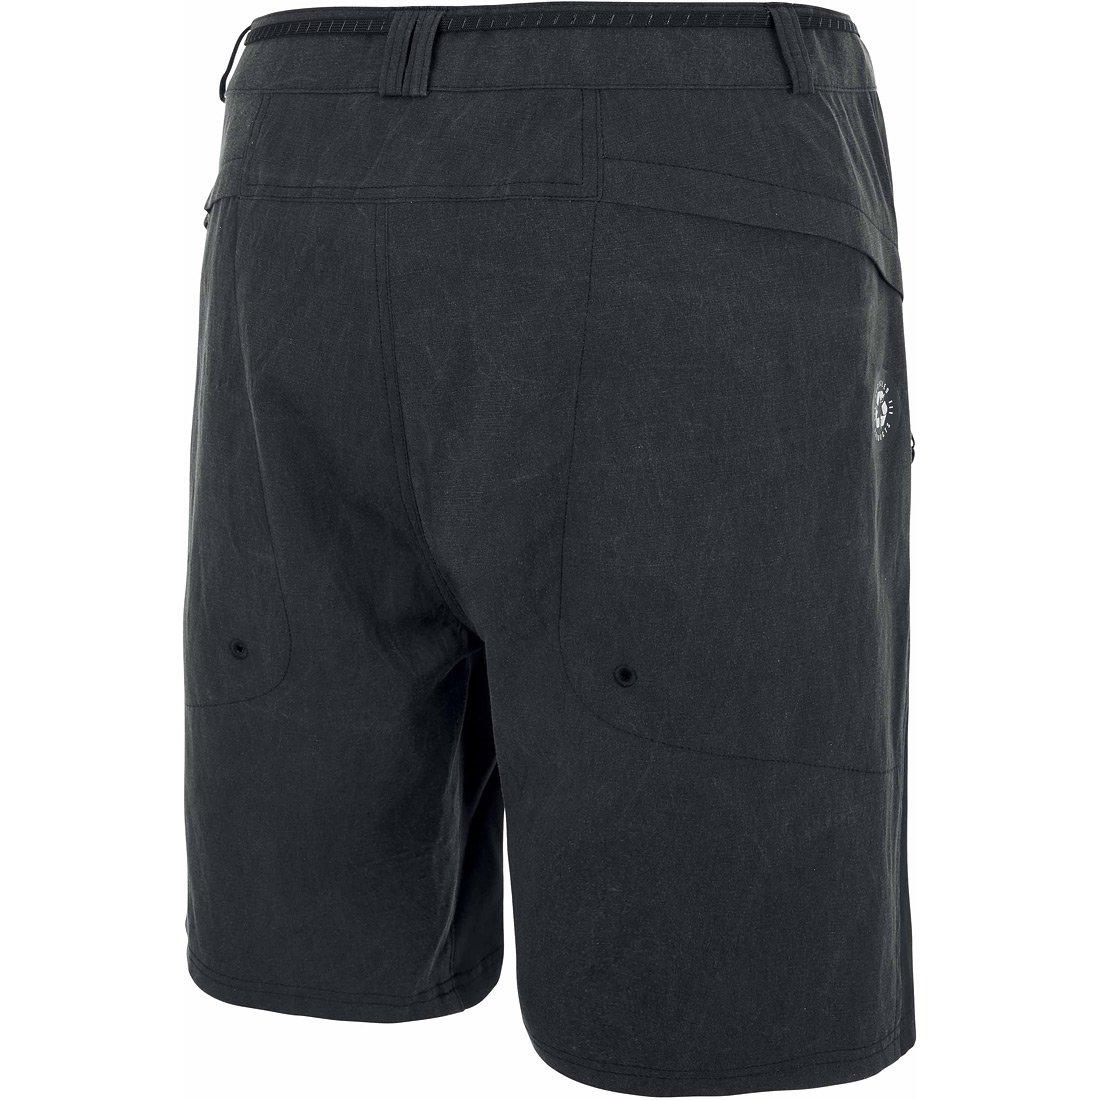 מכנסיים קצרים לגברים - Robust Shorts - Picture Organic